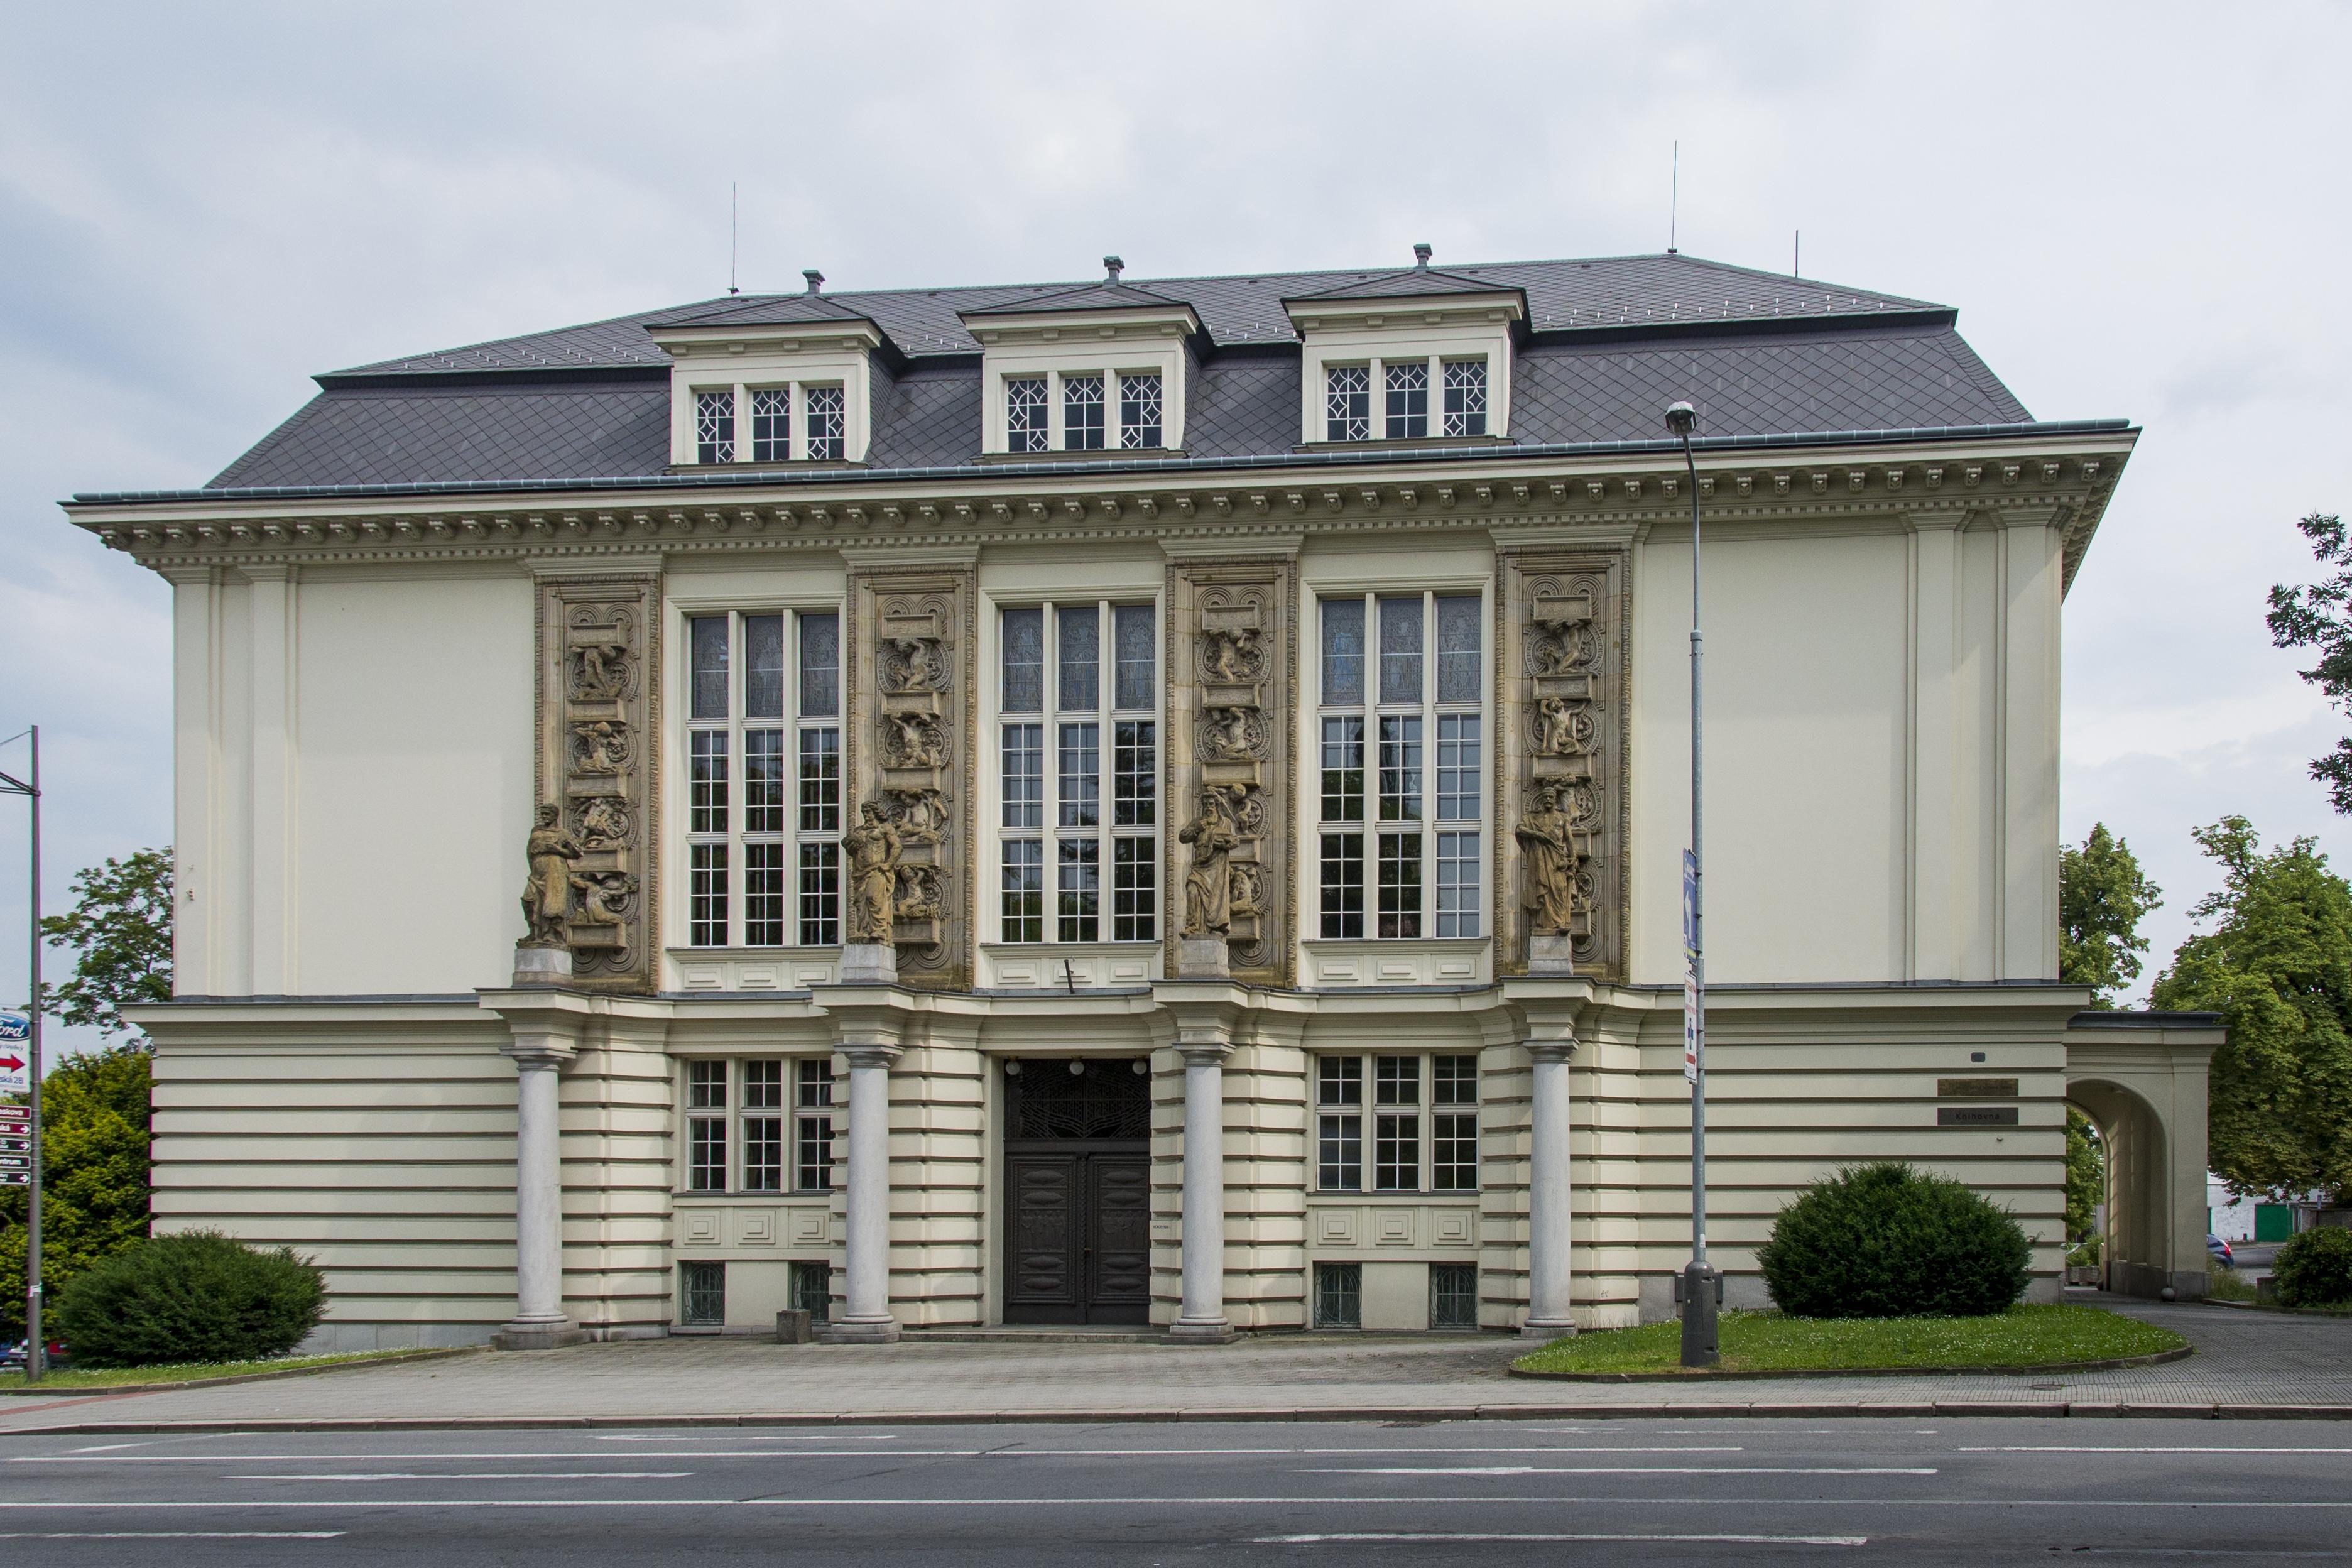 aa4f64fa8d7 Městský dům kultury Petra Bezruče - Architektonické památky ...